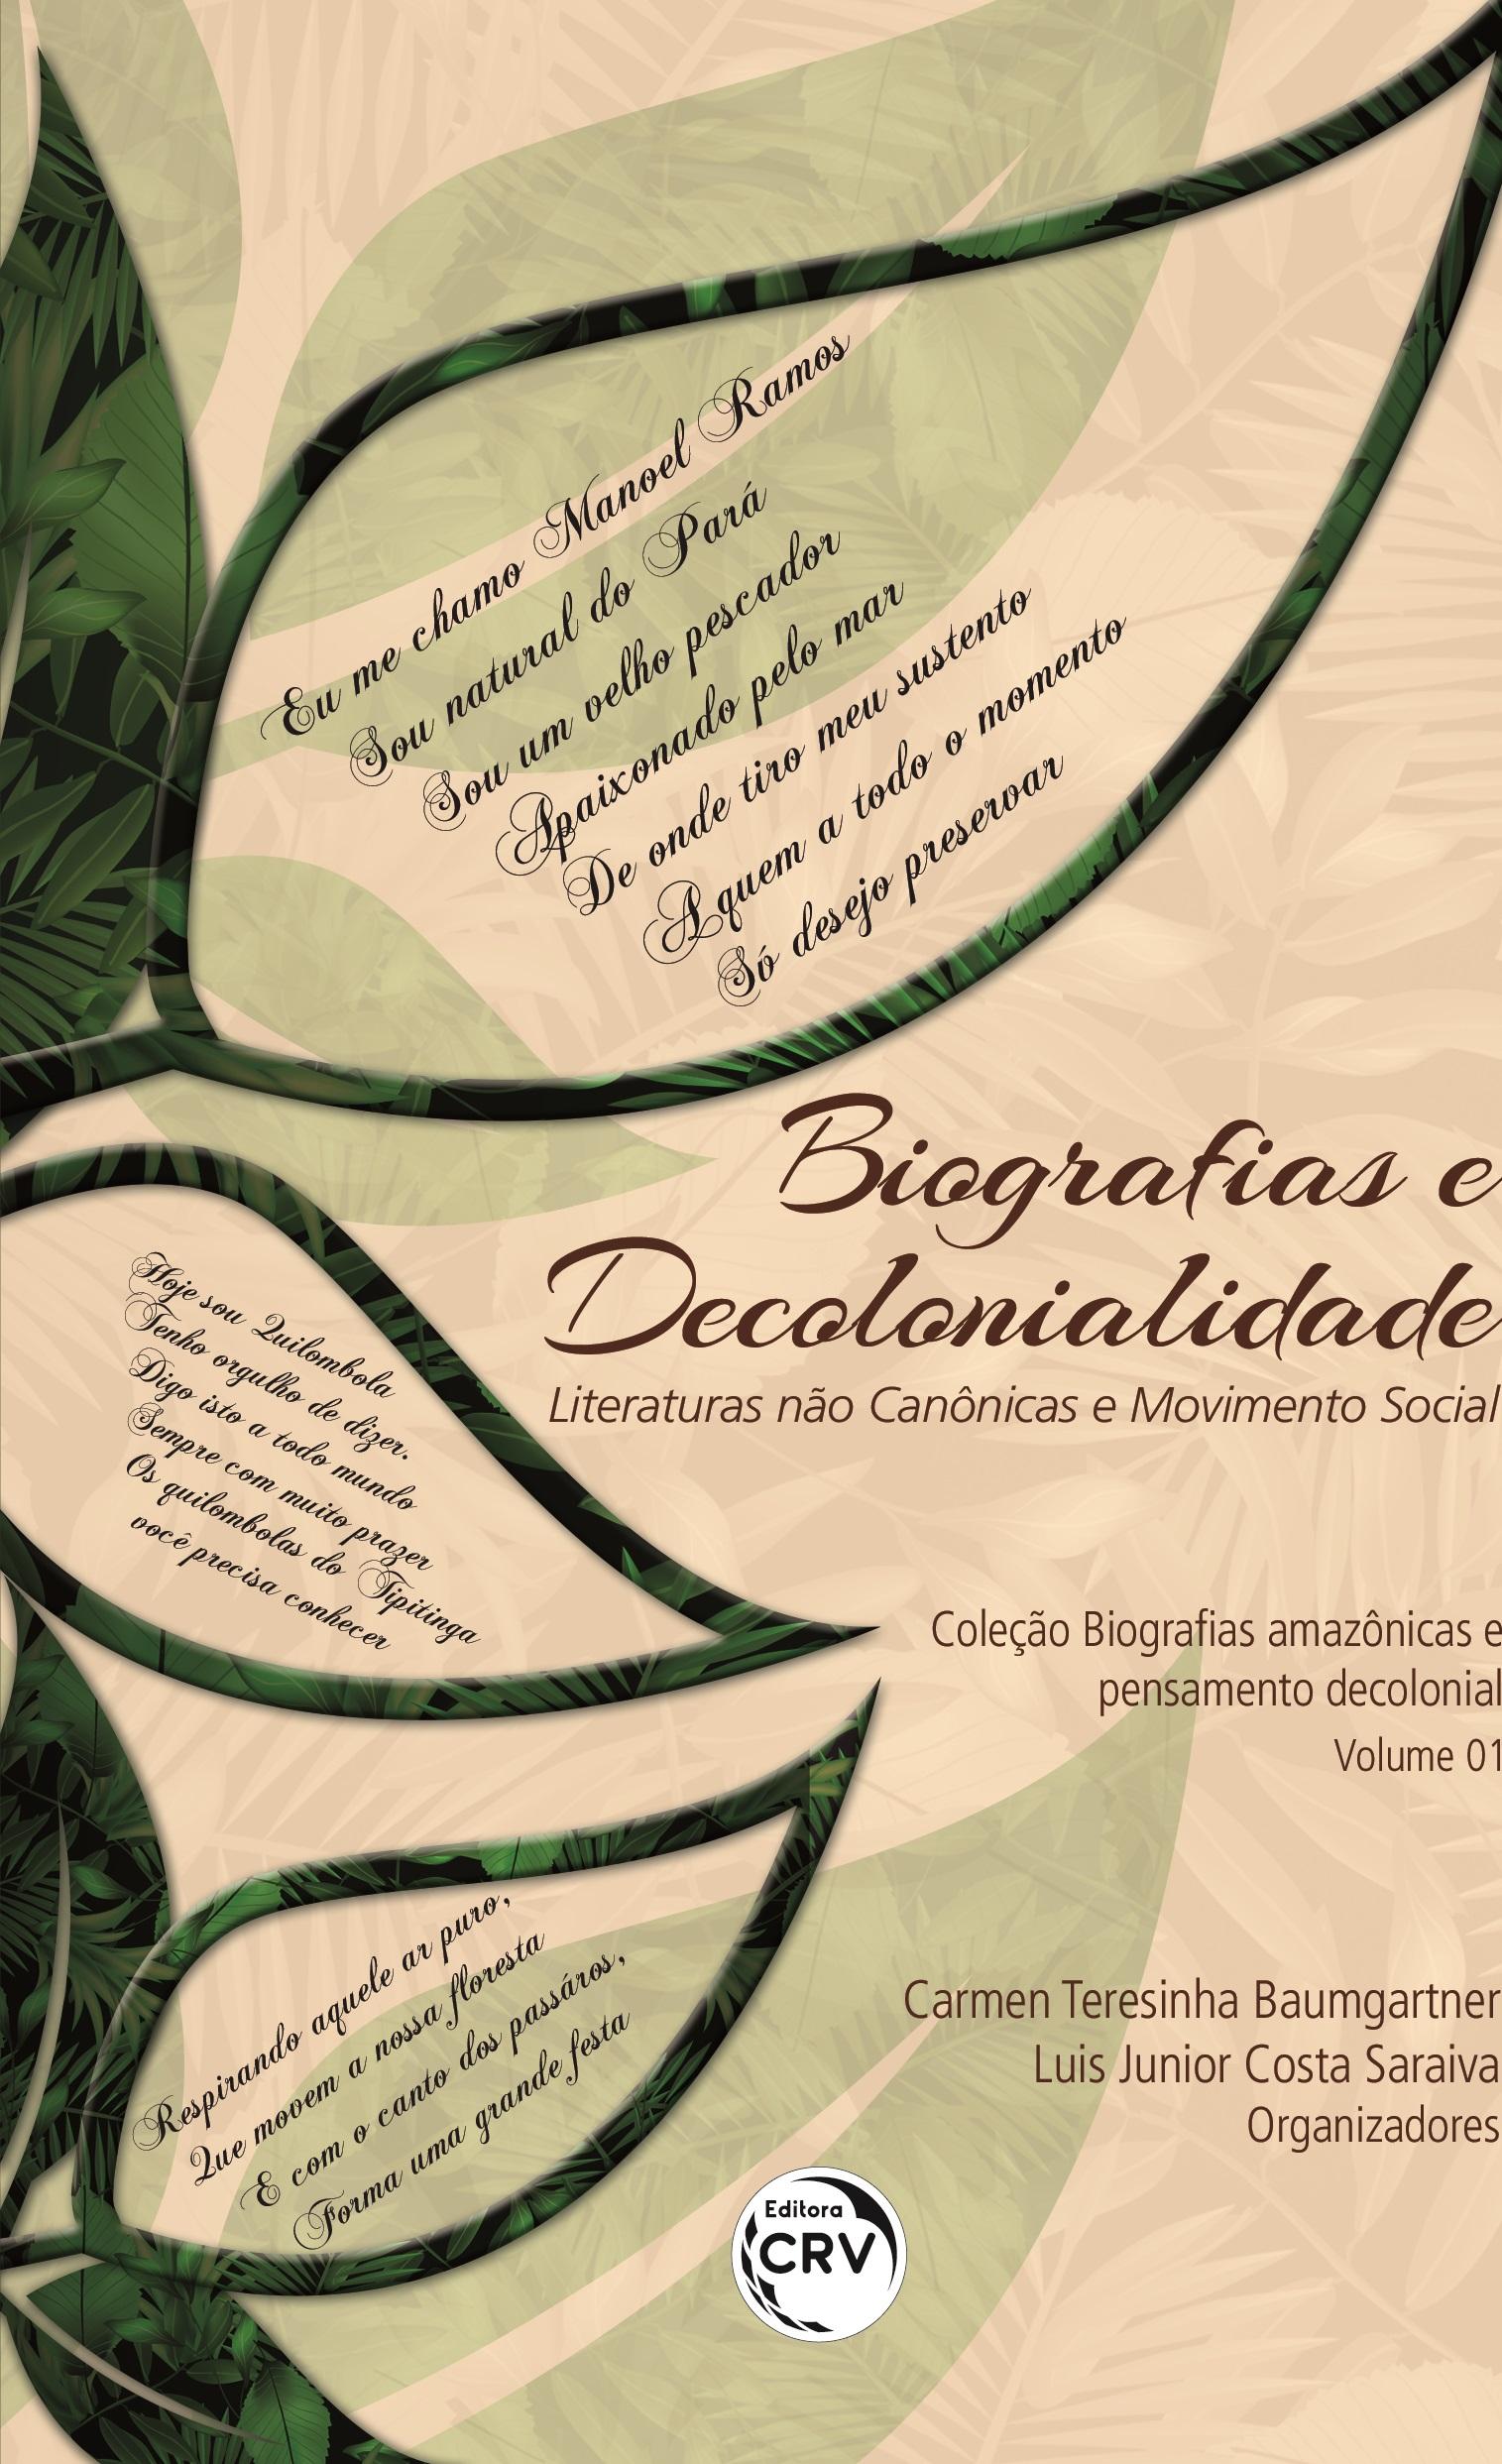 Capa do livro: BIOGRAFIAS E DECOLONIALIDADE:<br>literaturas não canônicas e movimento social <br>Coleção Biografias amazônicas e pensamento decolonial <br>Volume 01